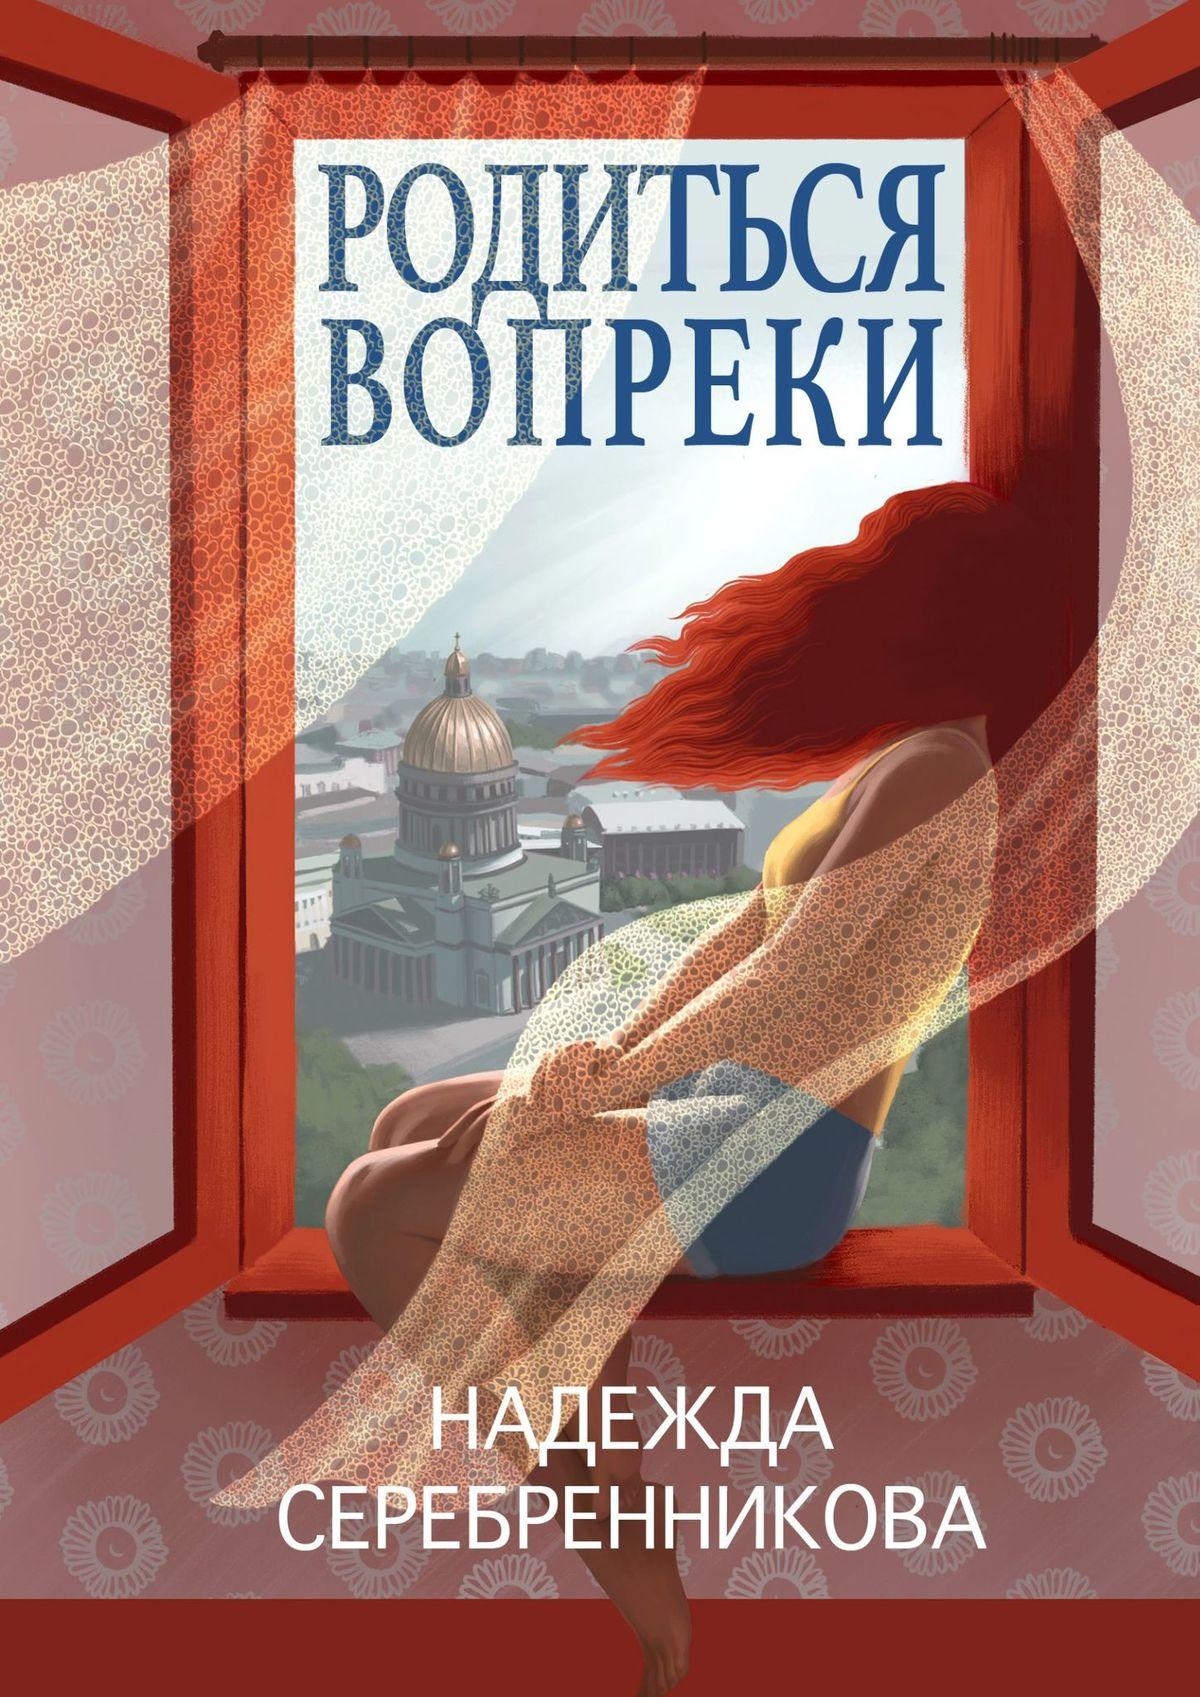 roditsya vopreki skazochnyy roman